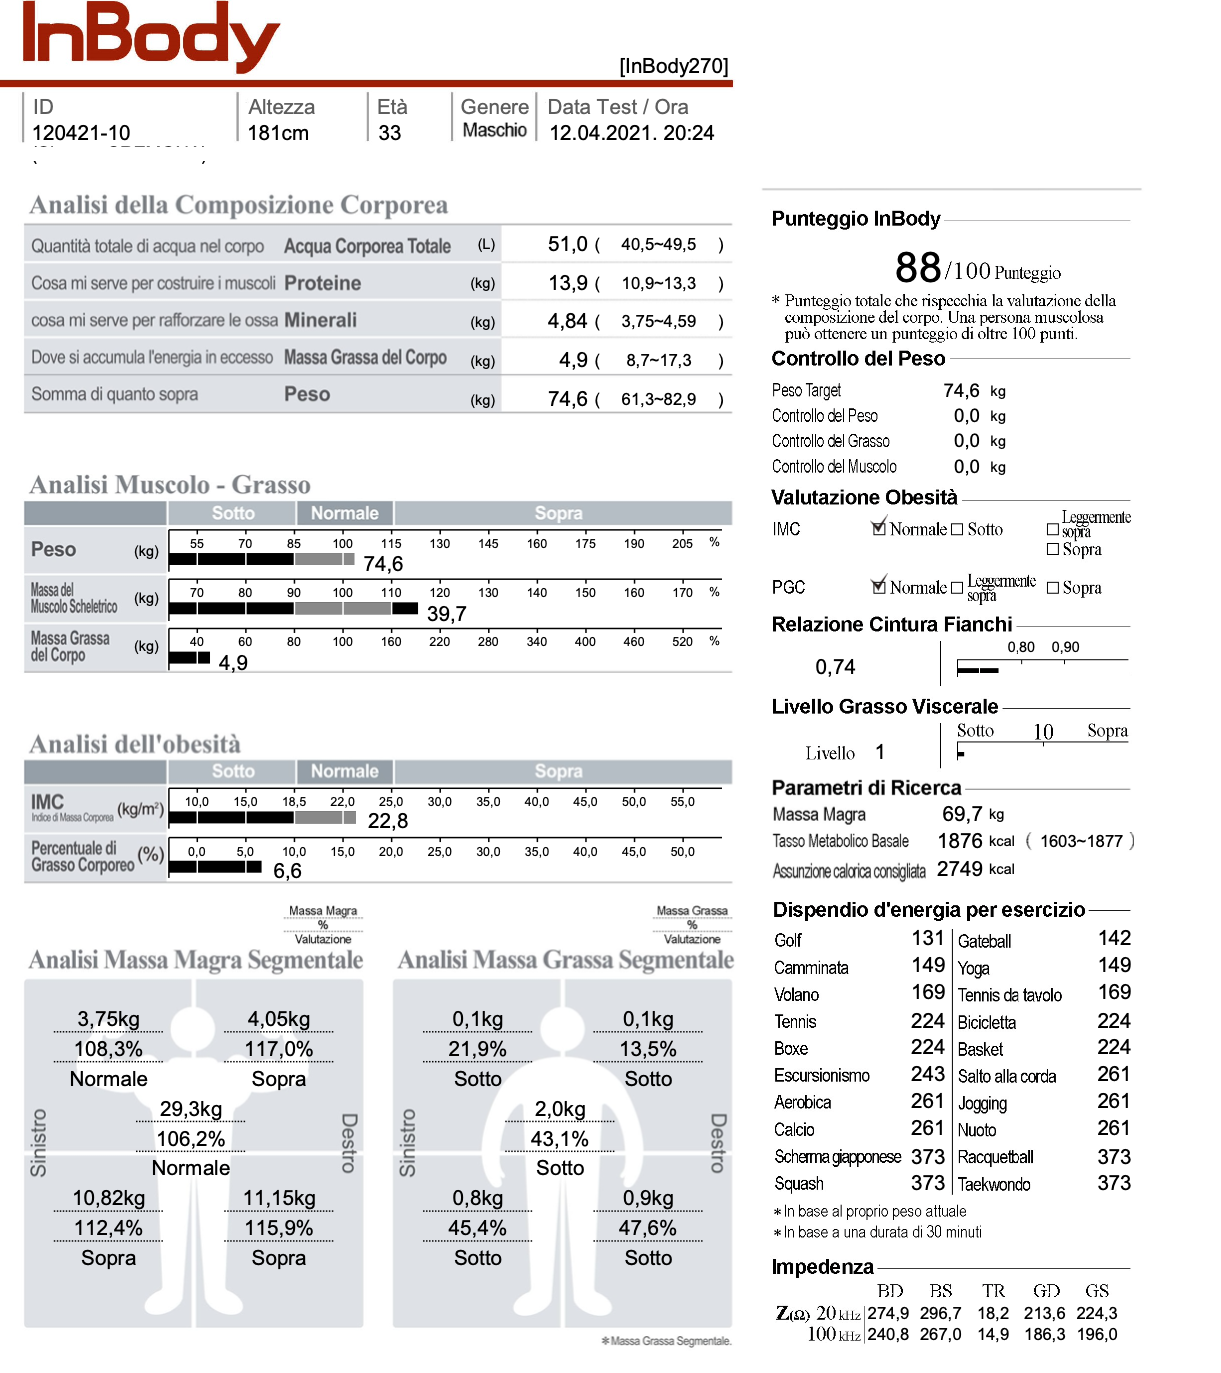 Bioimpedenziometria segmentale